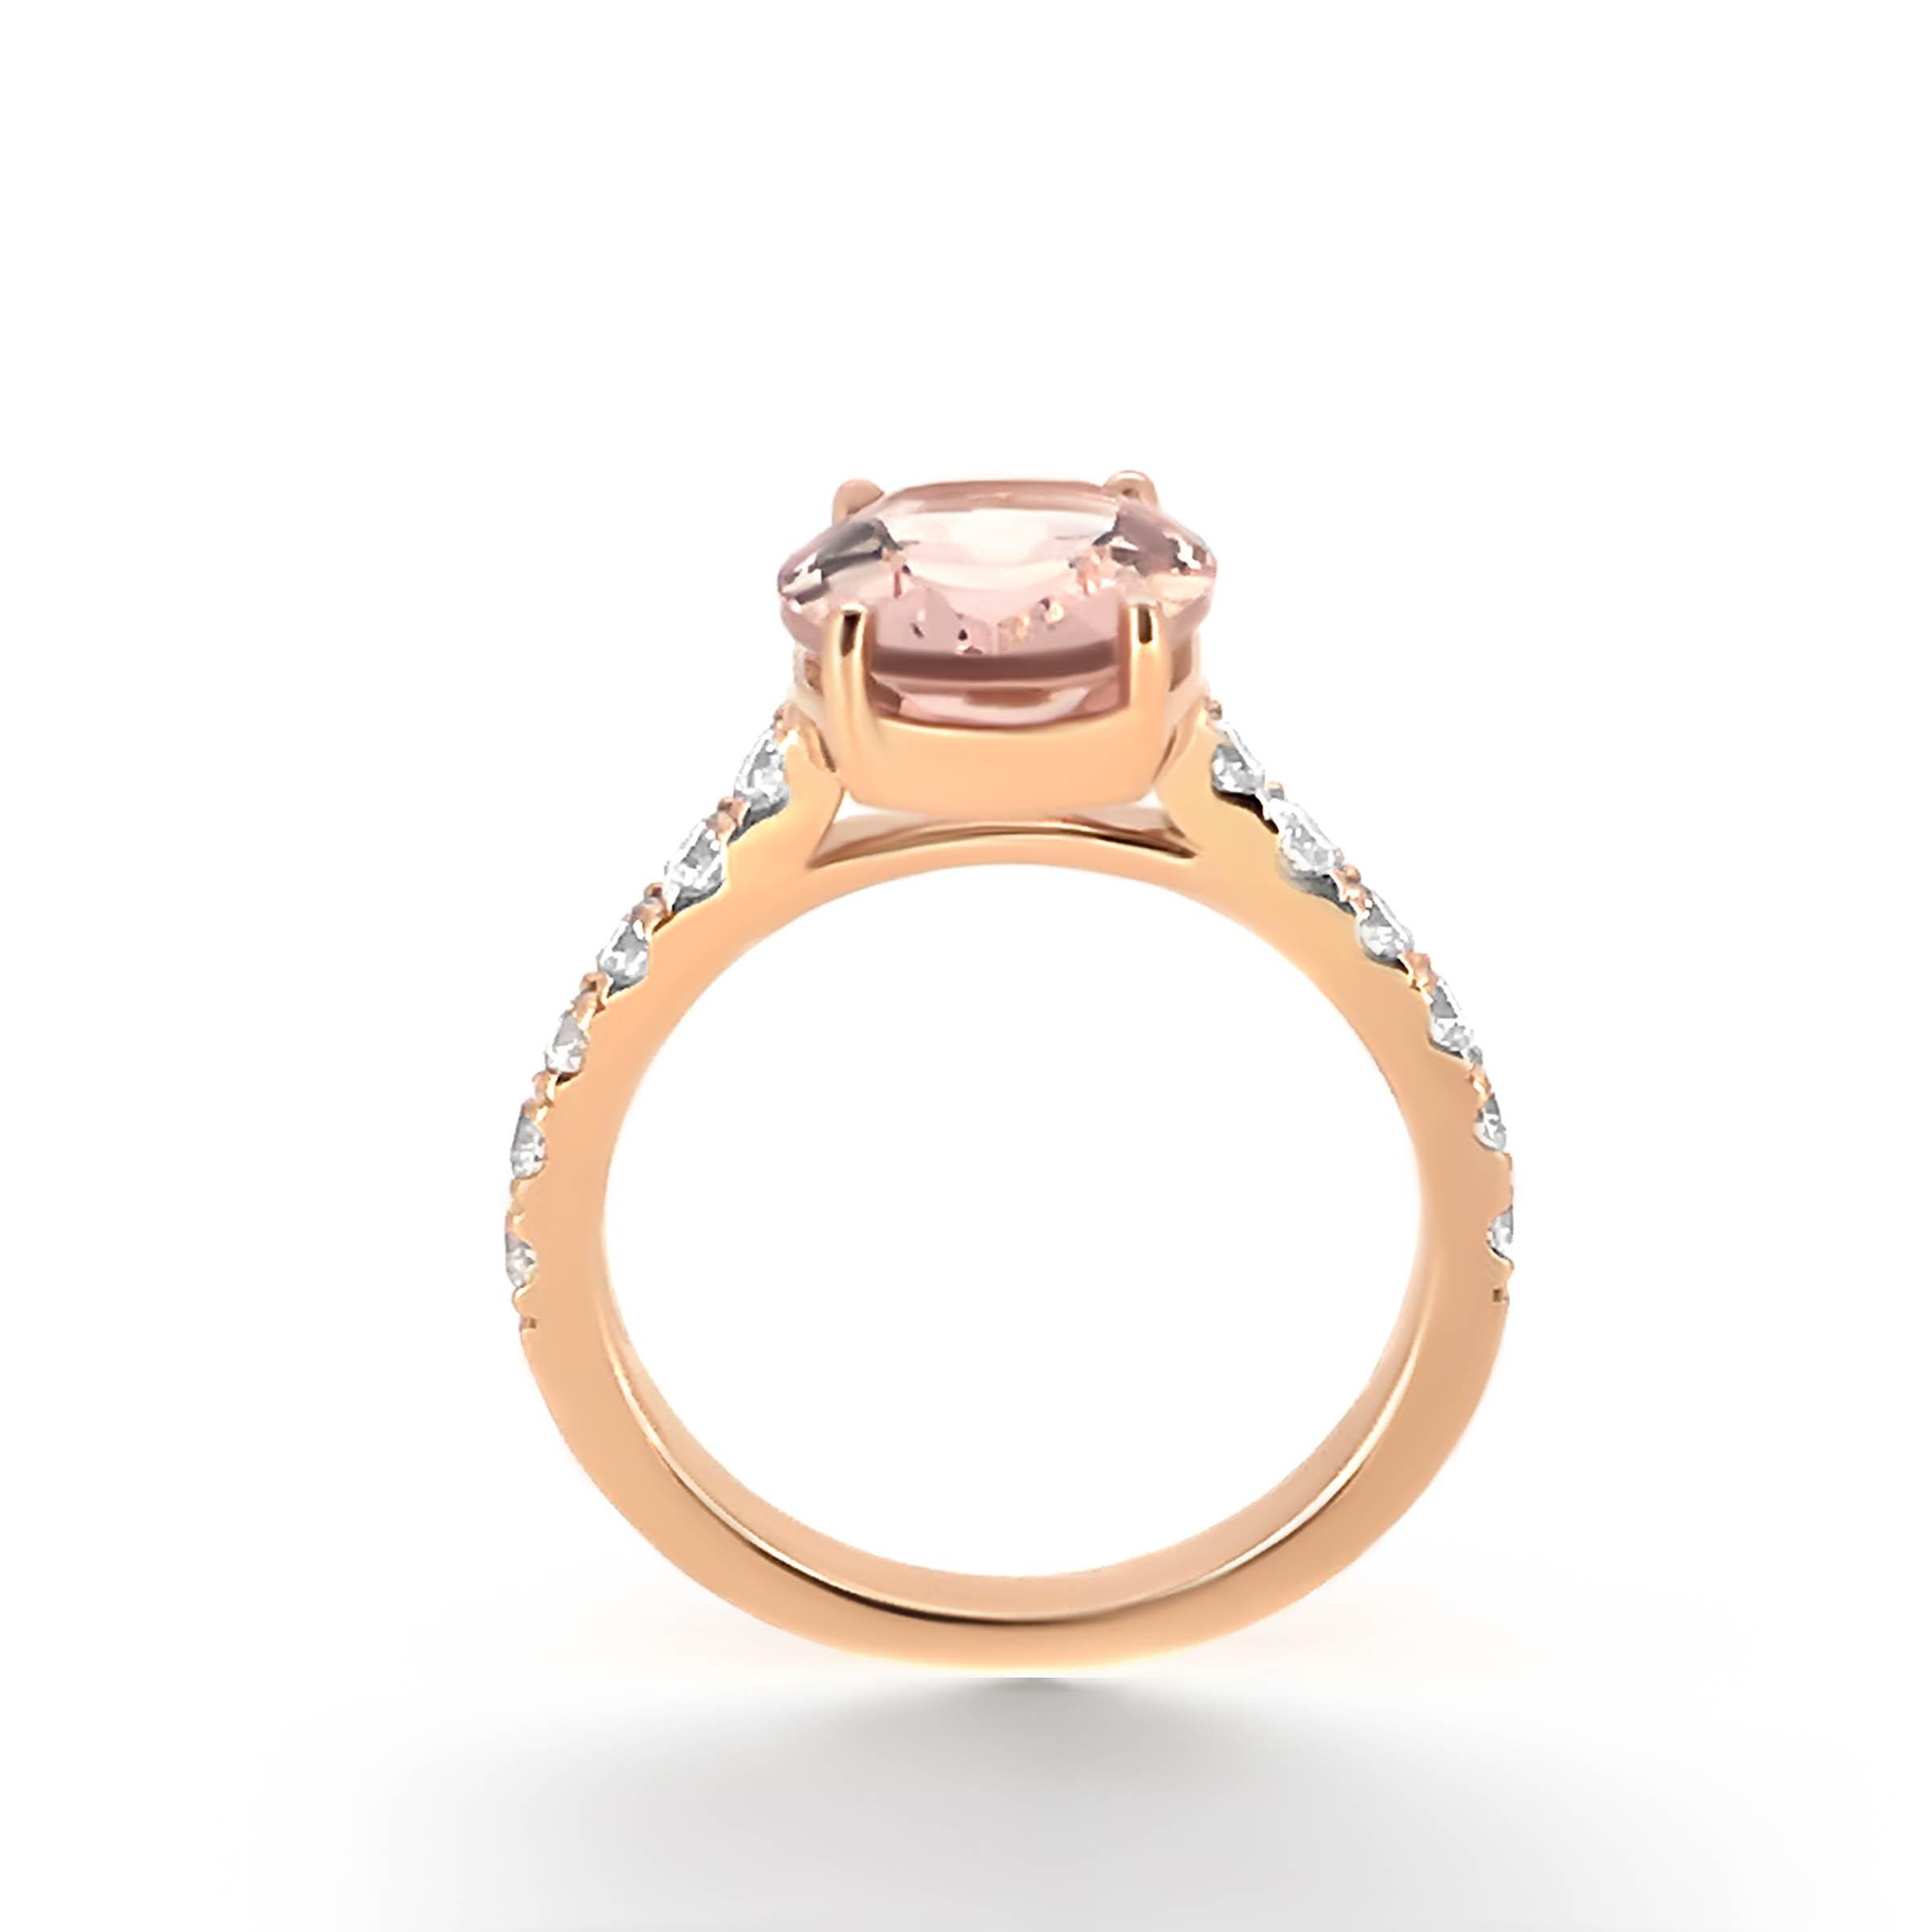 morganite and diamond engagement ring- haywards of hong kong